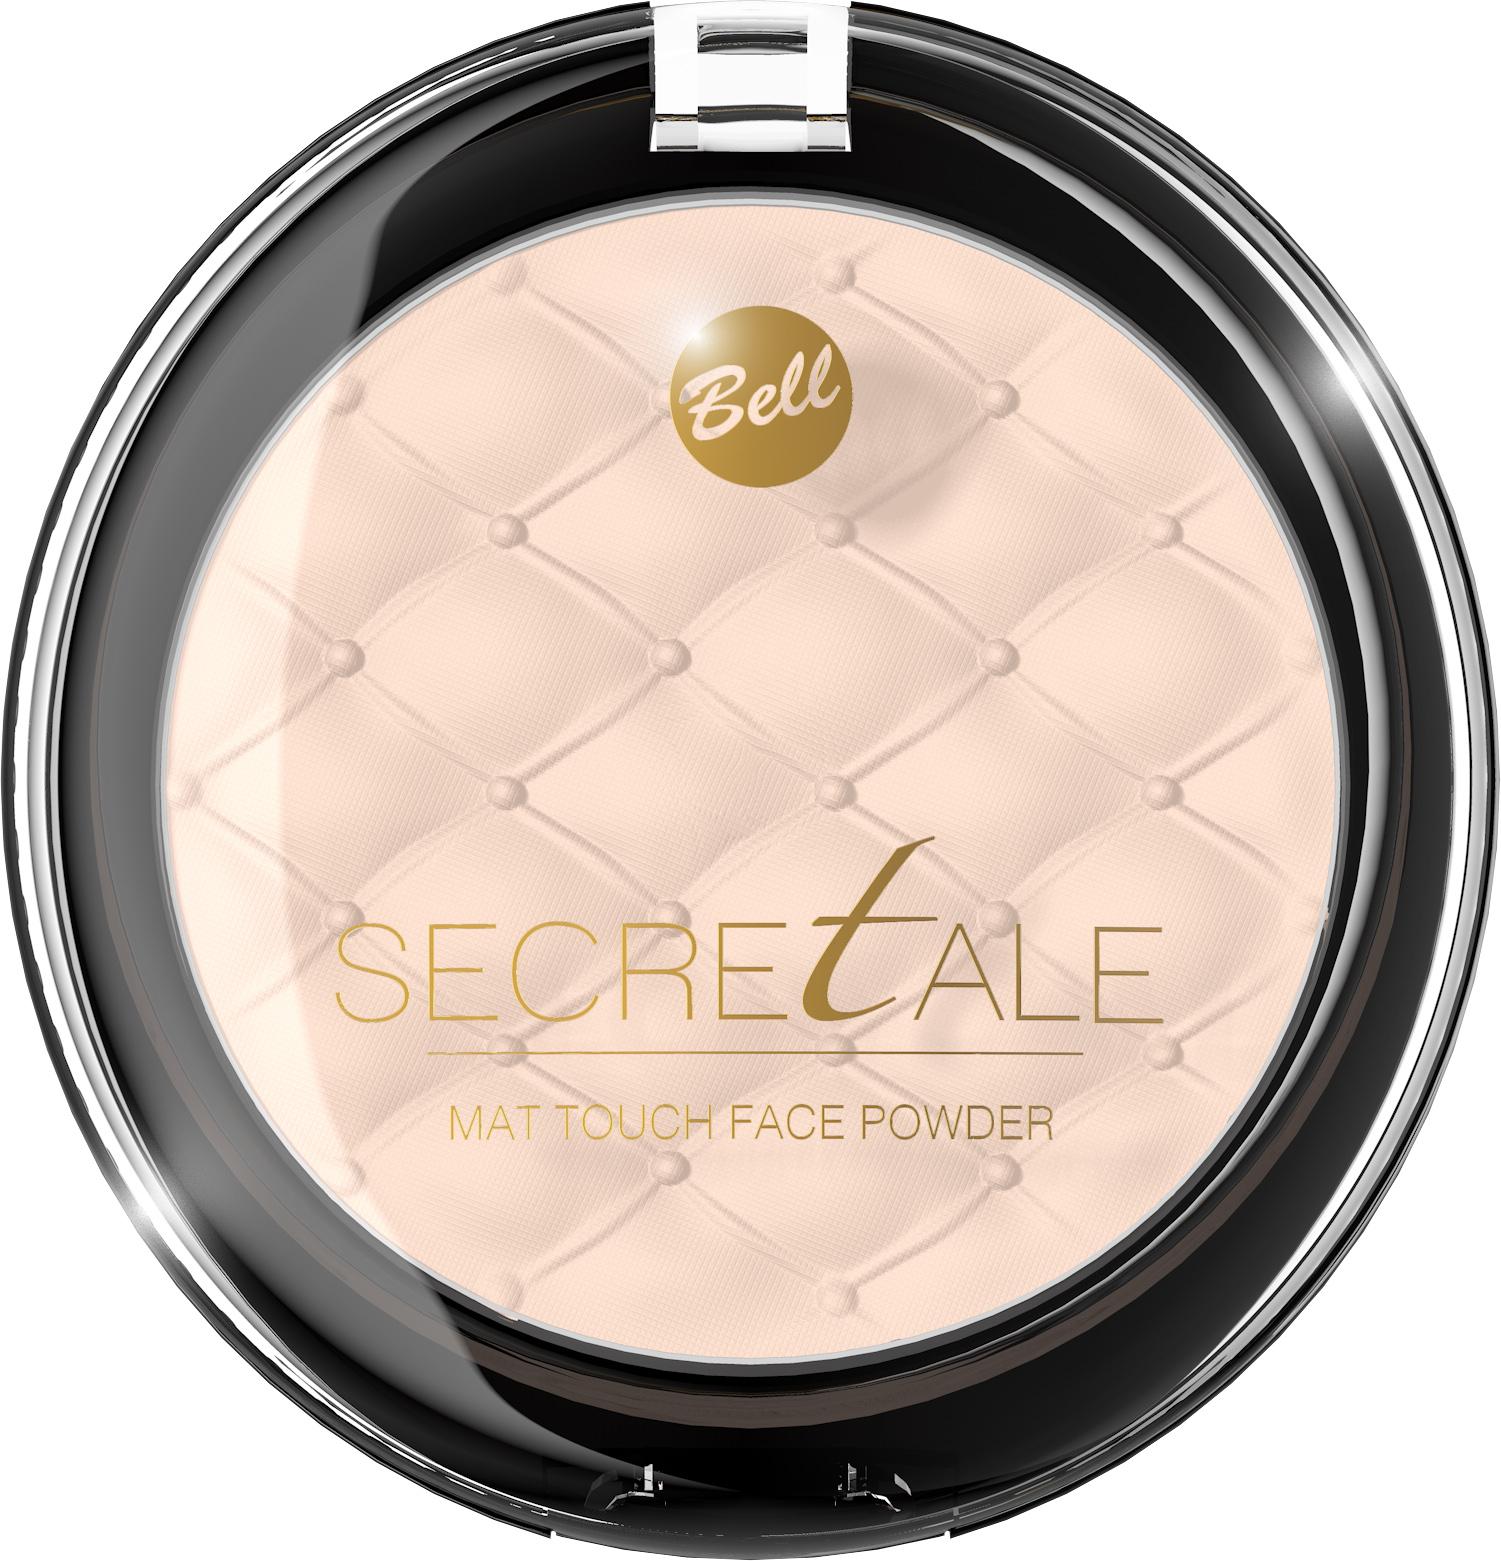 BellSECRETALE Mat Touch Face Powder 02